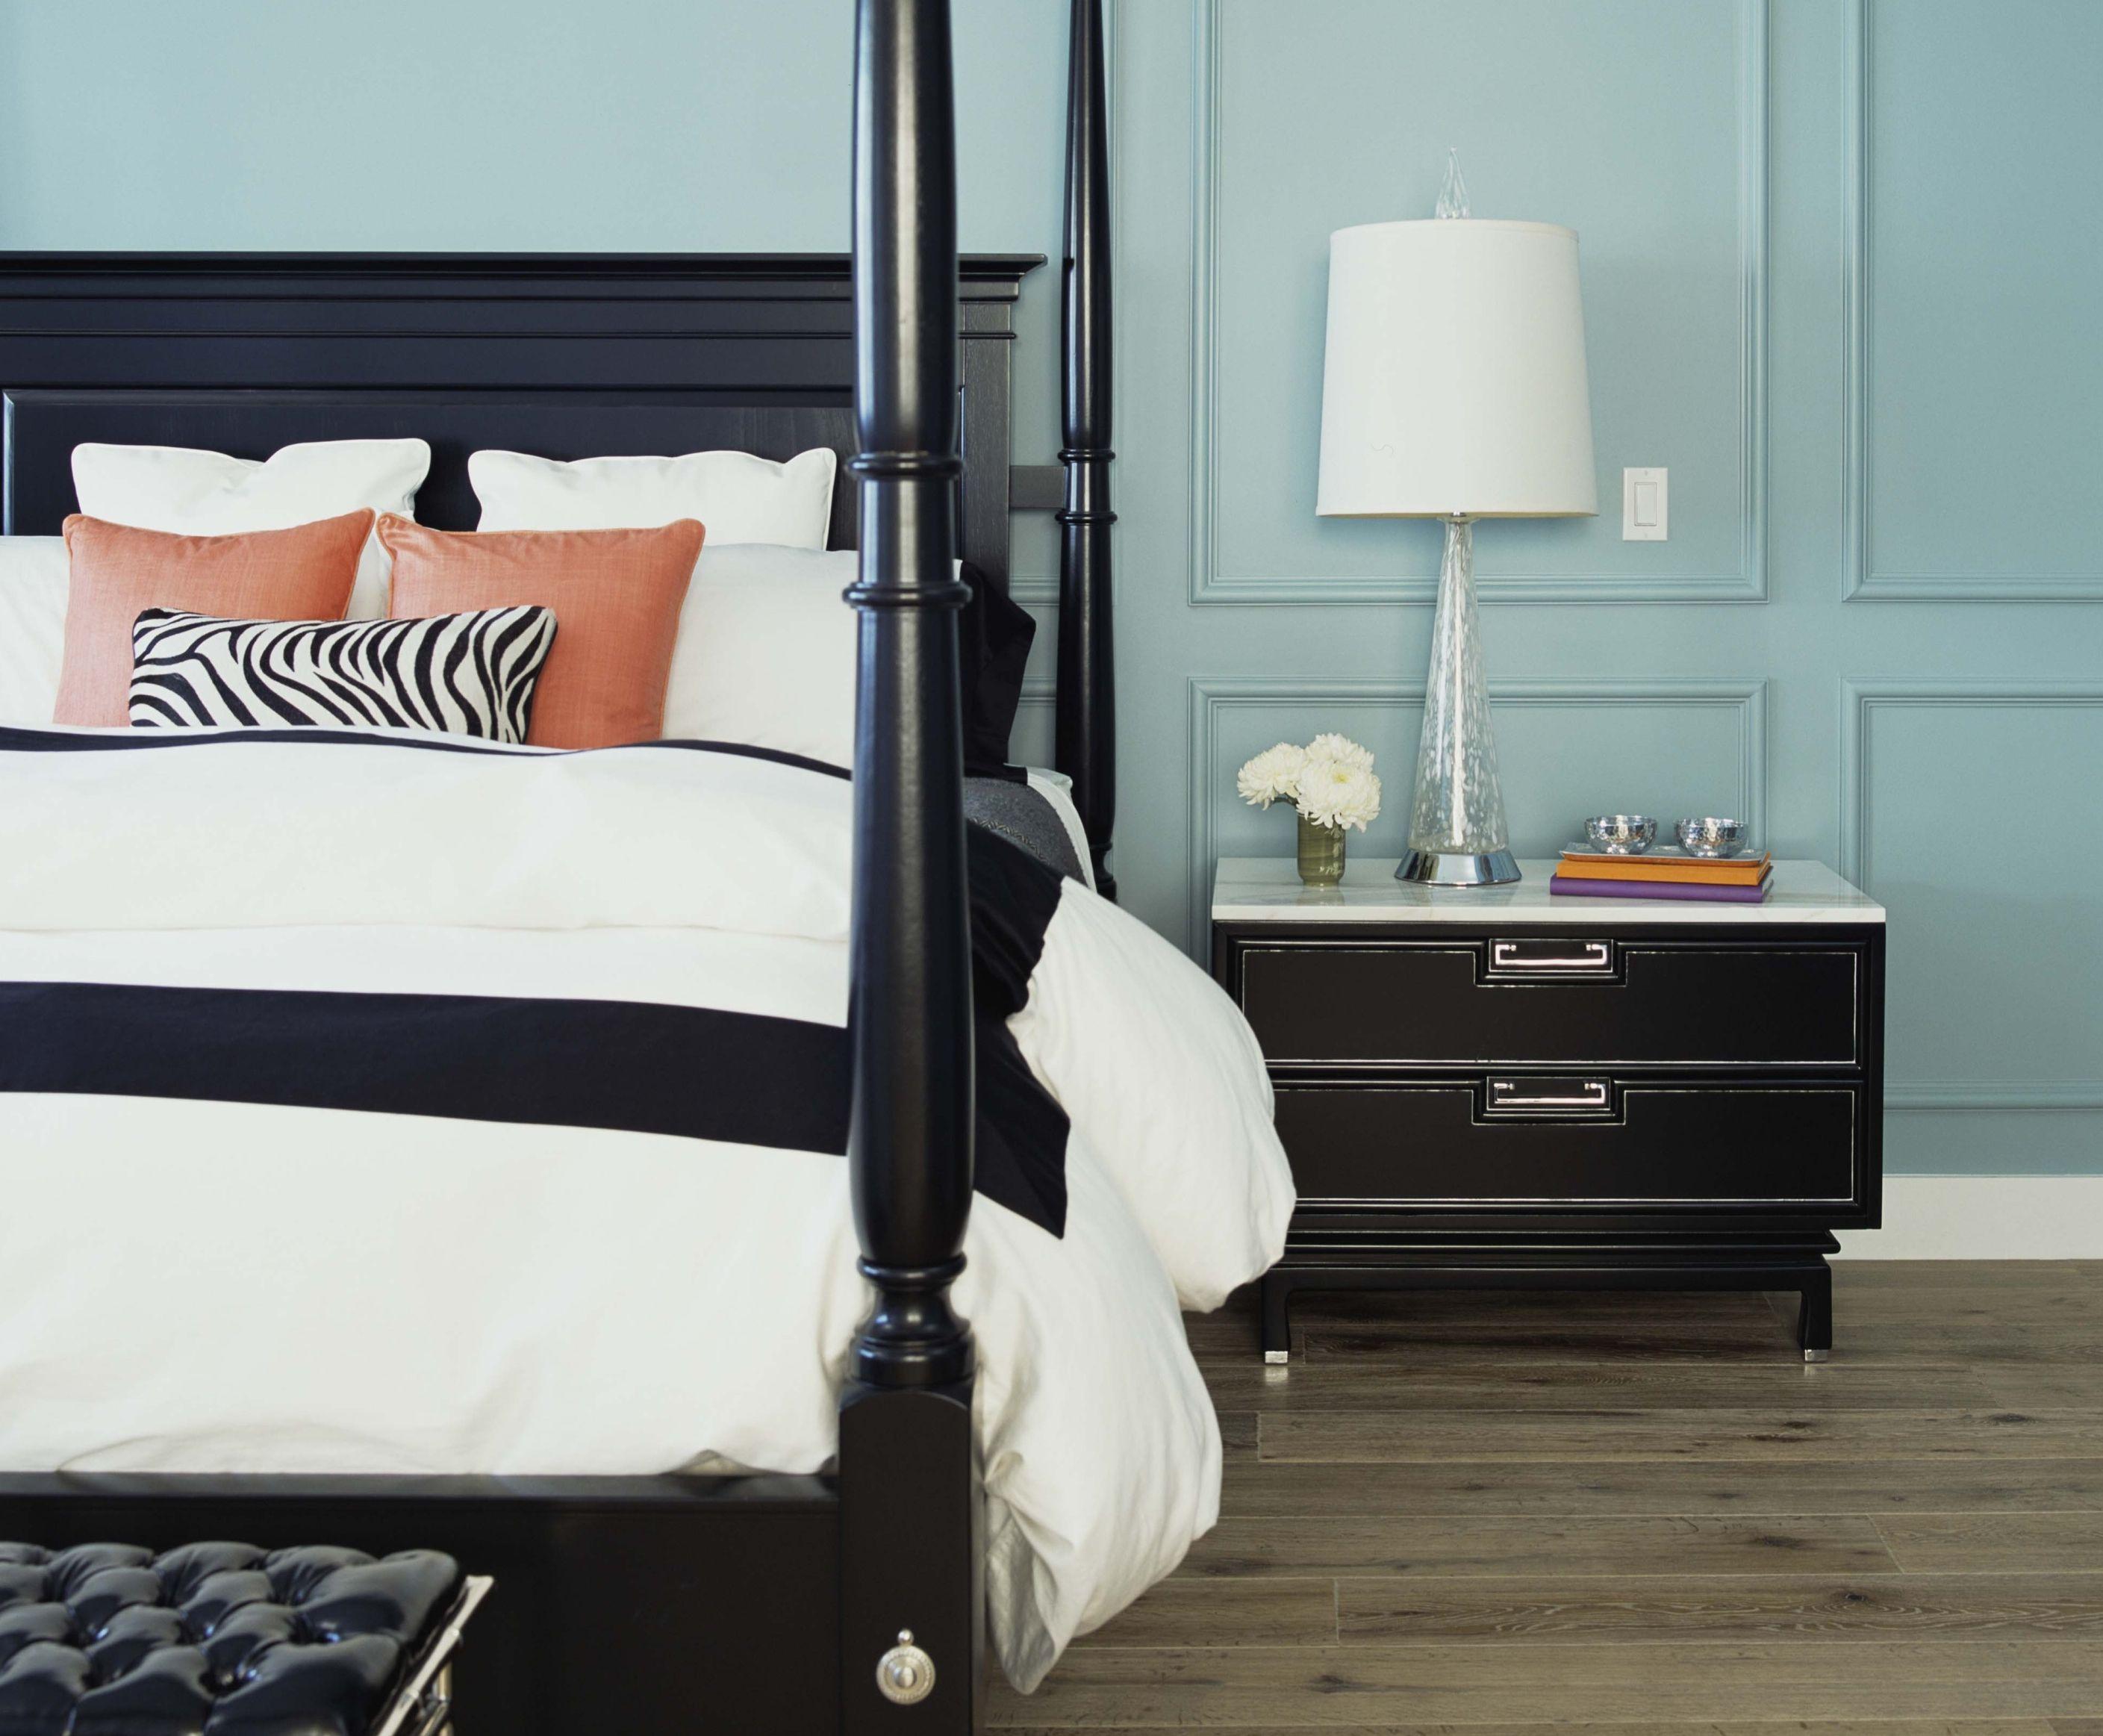 Good feng shui floor plan tip 3 bedroom location - Feng shui bedroom direction of bed ...